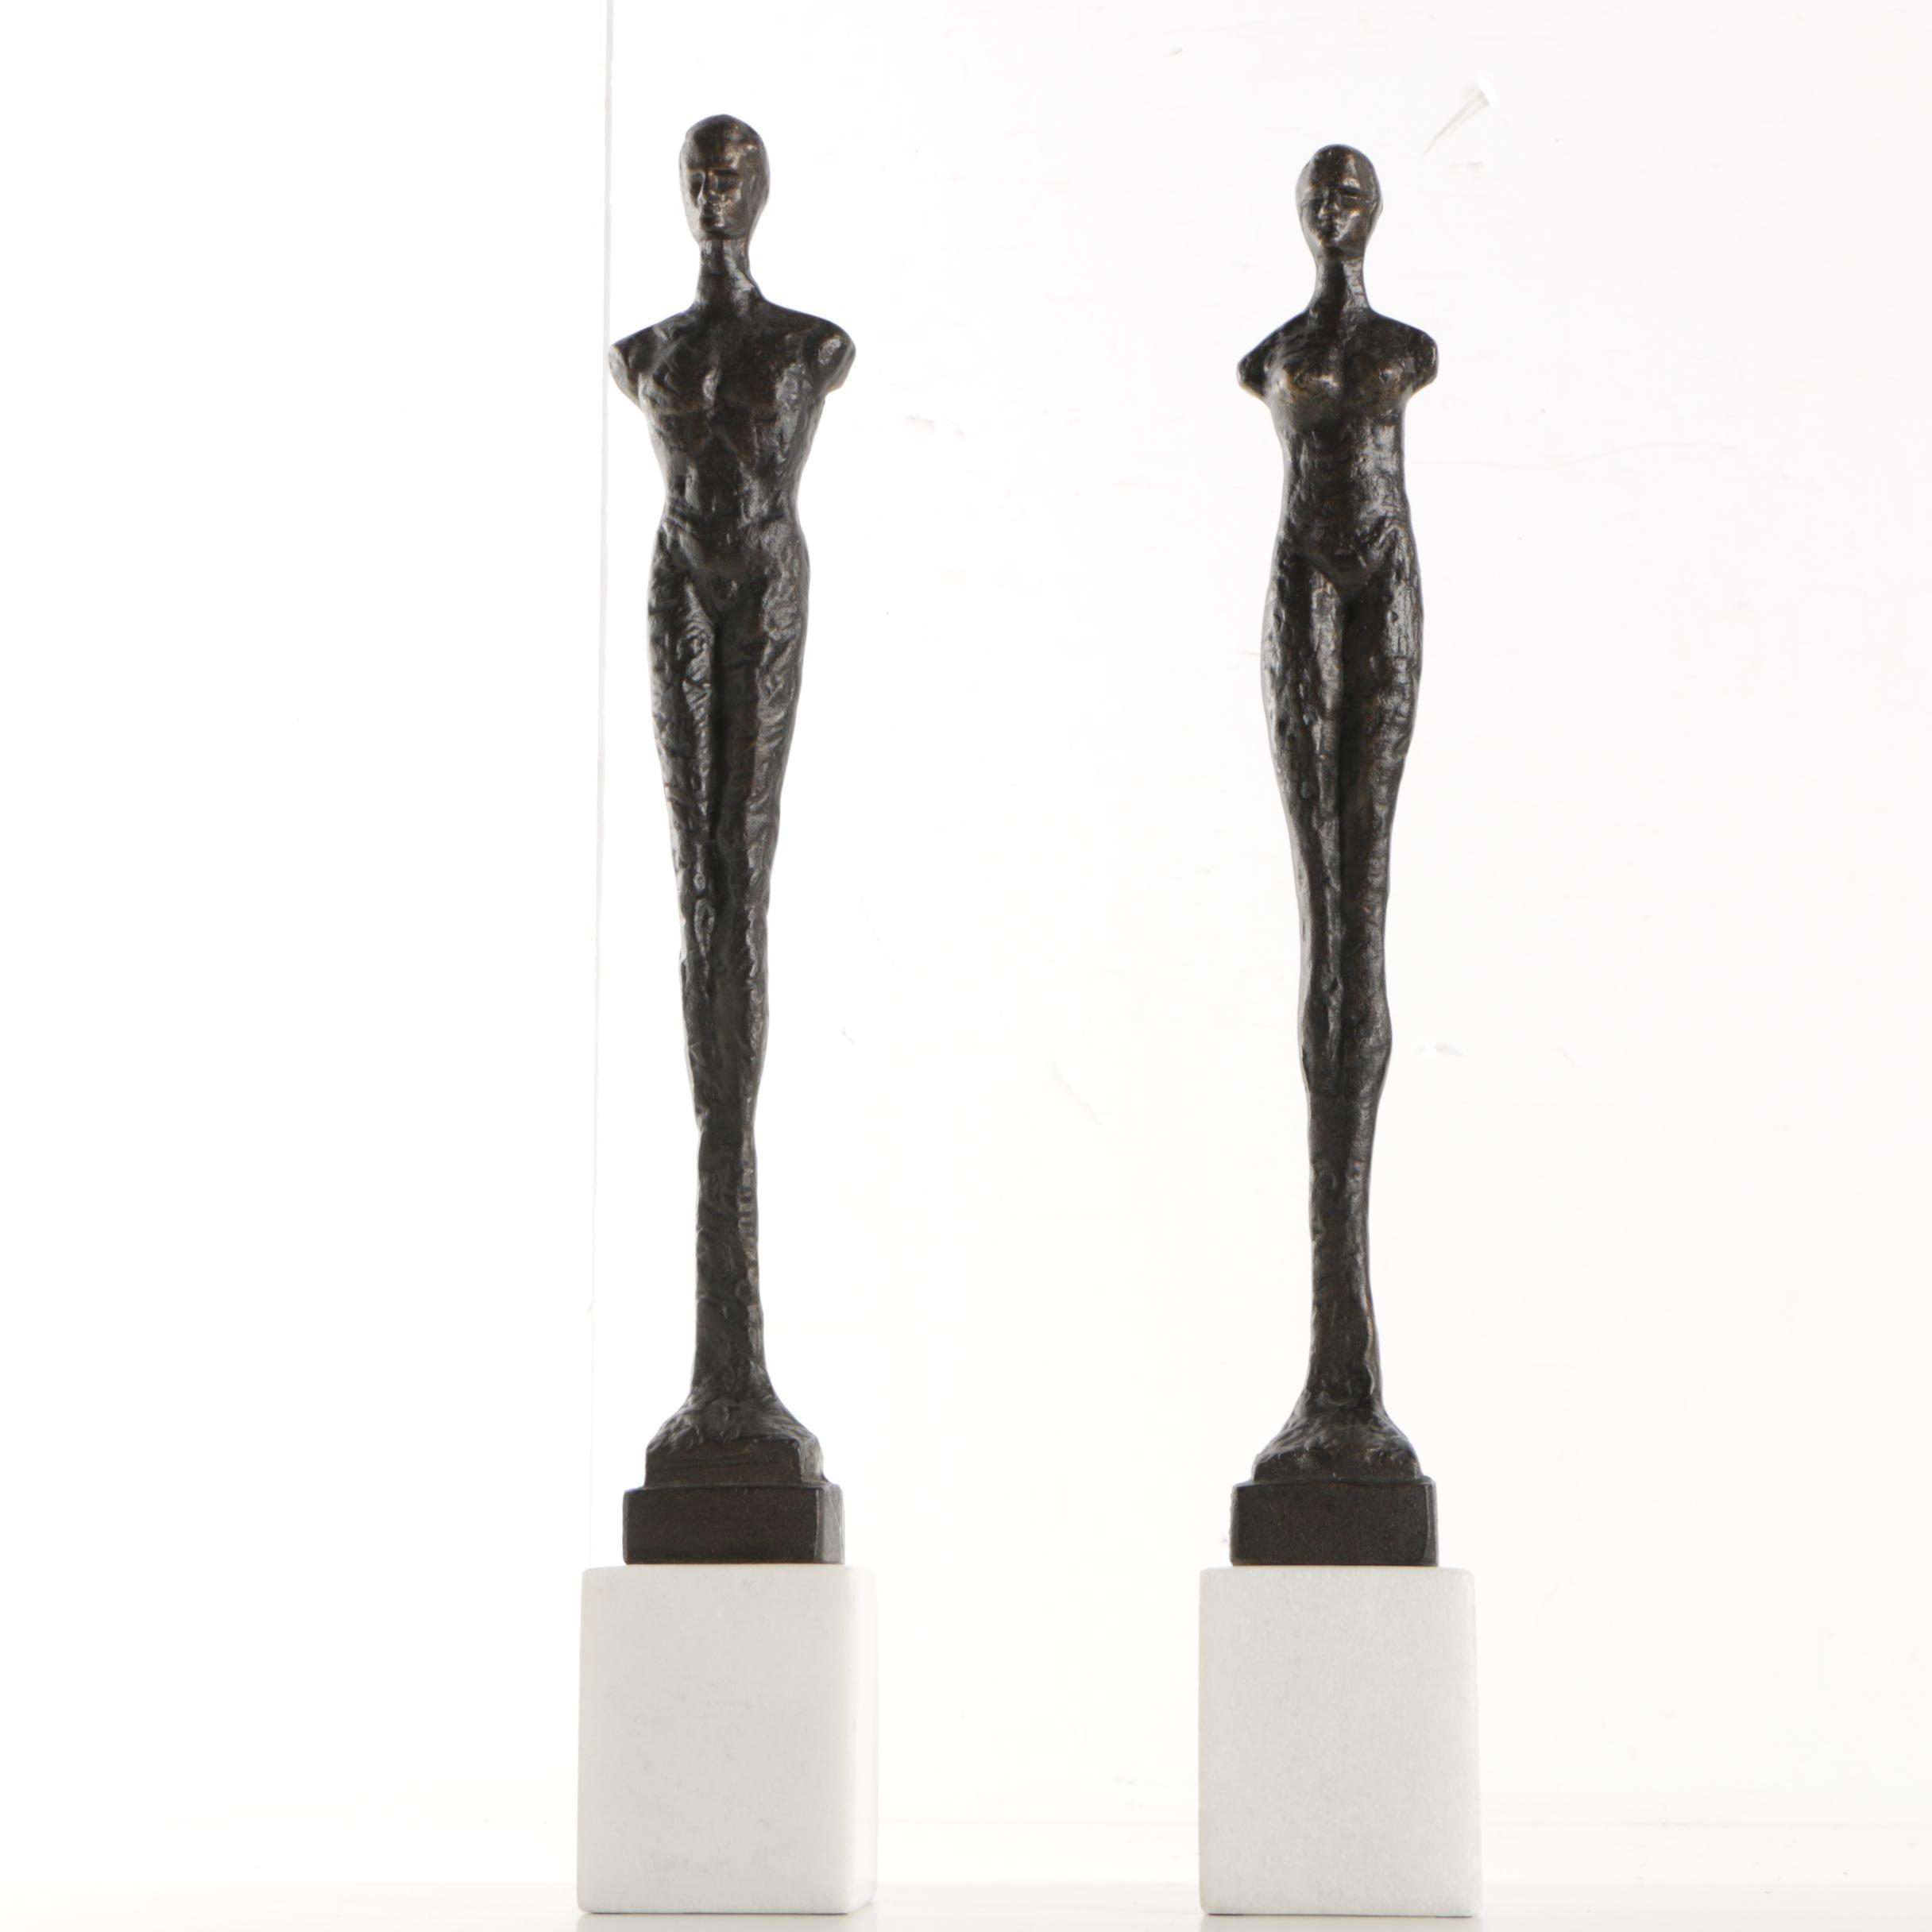 Metal Figure Sculptures